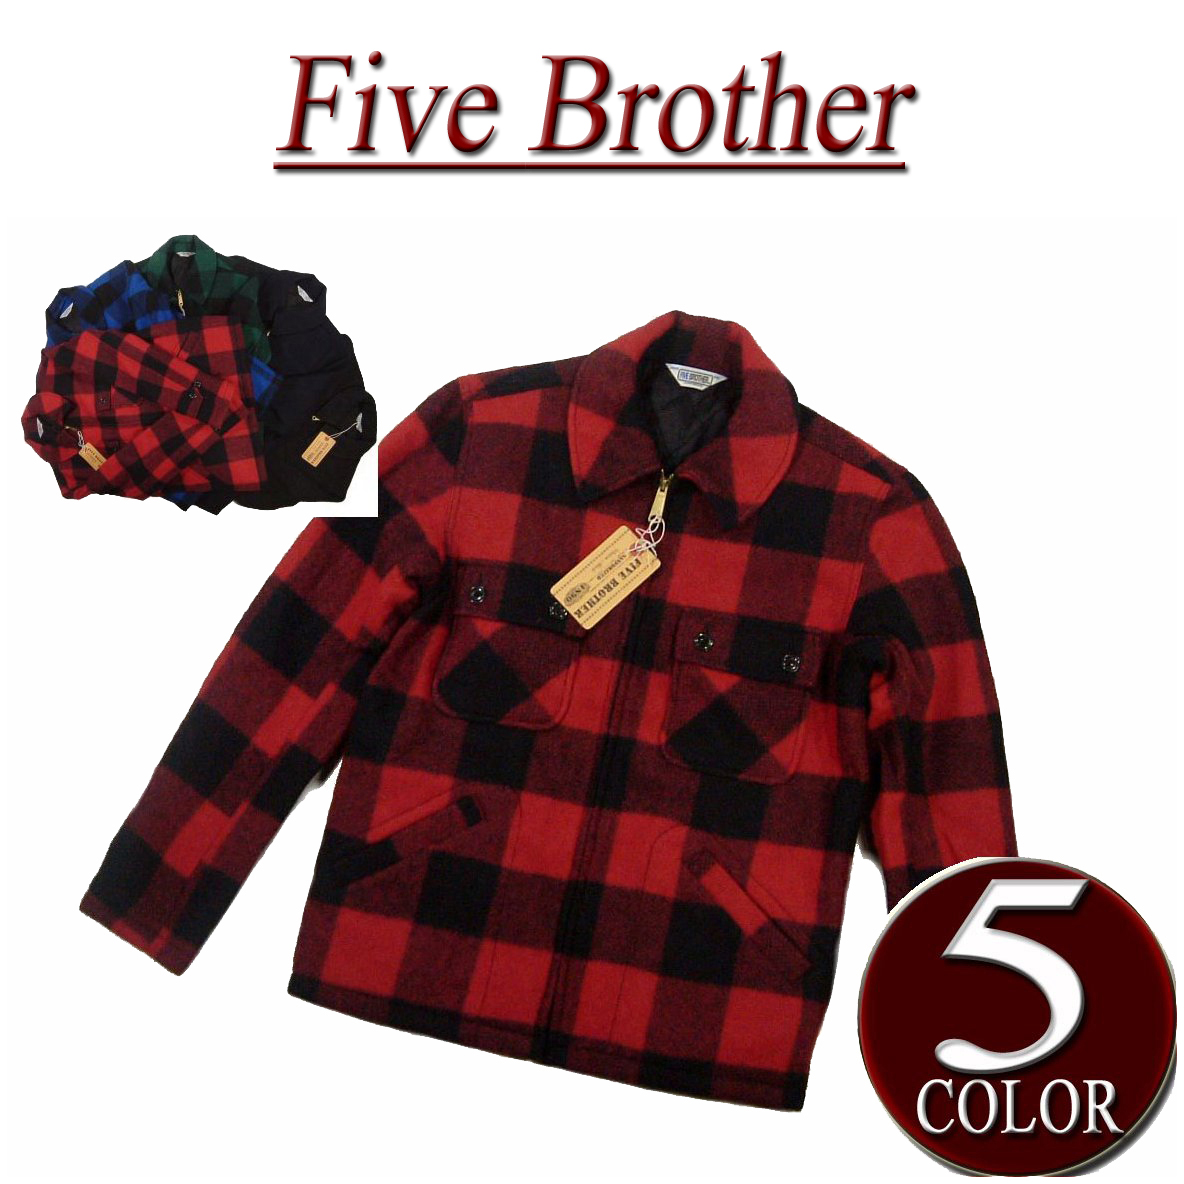 【5色4サイズ】 iw041 新品 FIVE BROTHER バッファローチェック & 無地 C.P.O ウールジャケット 150801 メンズ AUTHENTIC CPO WOOL JACKET シーピーオー ワーク ジャケット ファイブブラザー